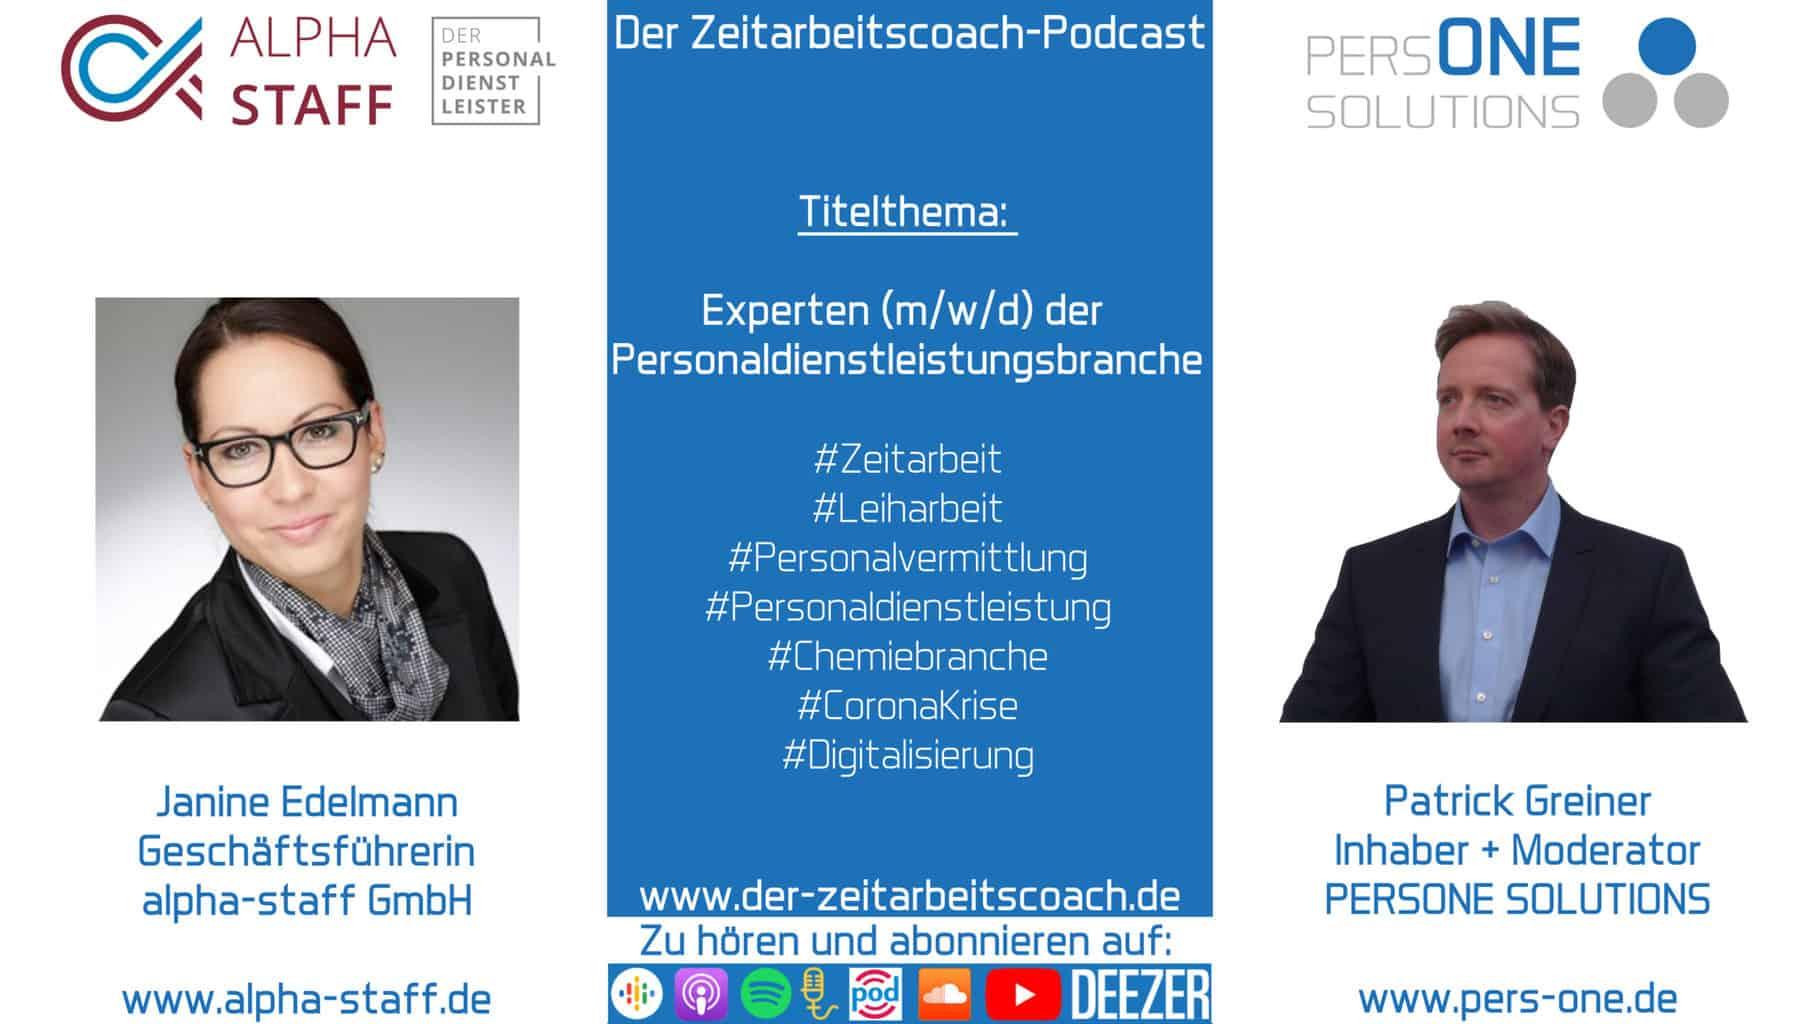 Edelmann, Janine_Podcast SM Grafik-Interview_Zeitarbeitscoach-Podcast